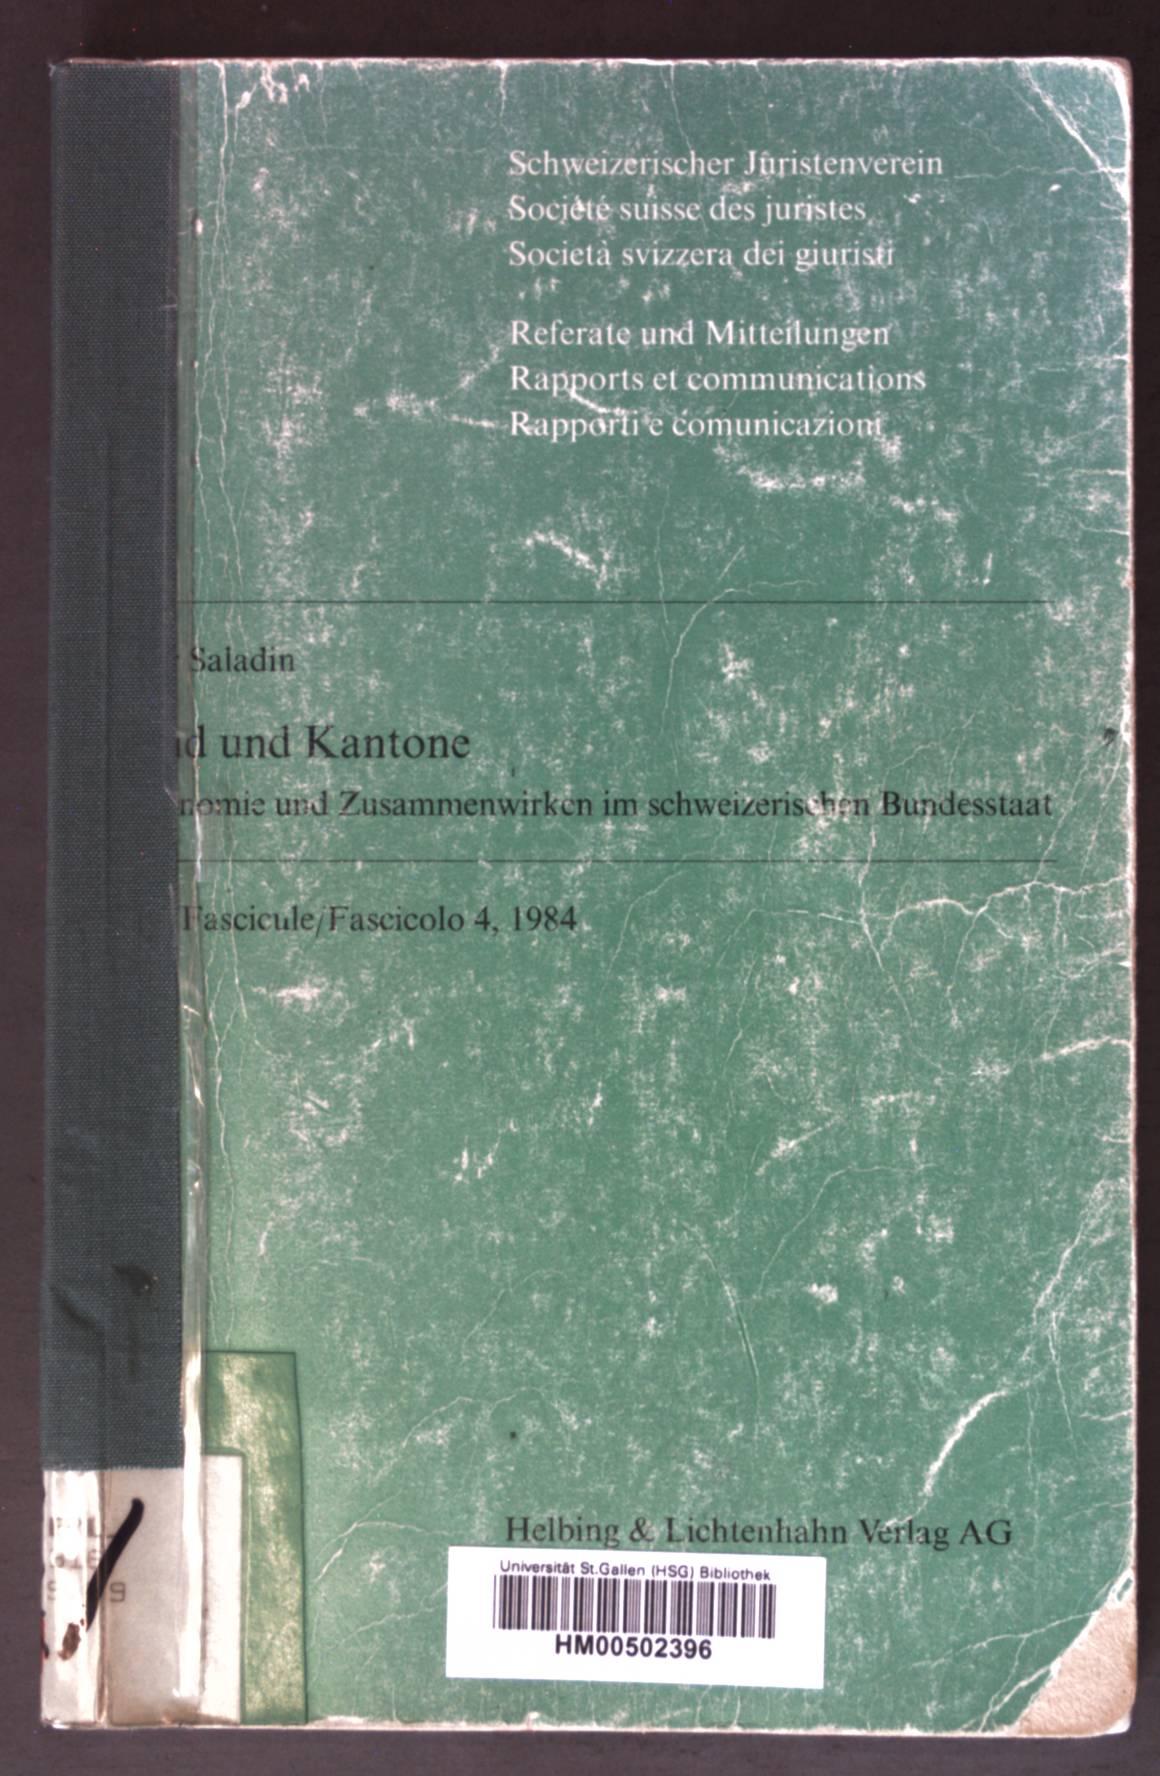 Bund und Kantone: Autonomie und Zusammenwirken im: Saladin, Peter: